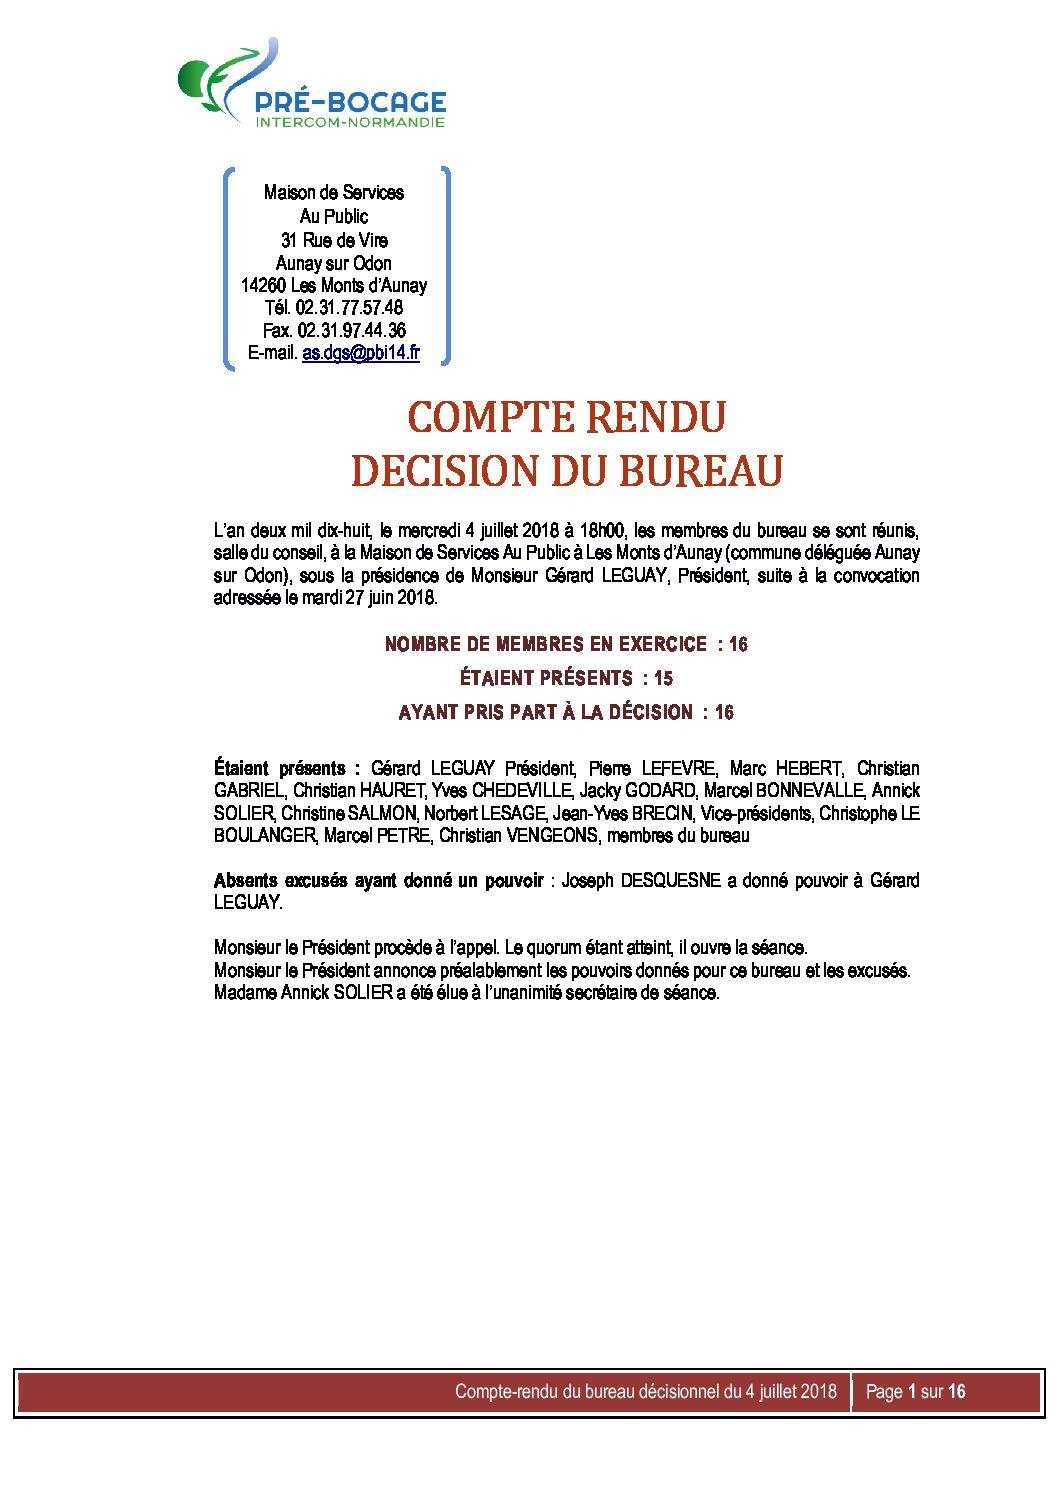 CR Bureau du 4 juillet 2018